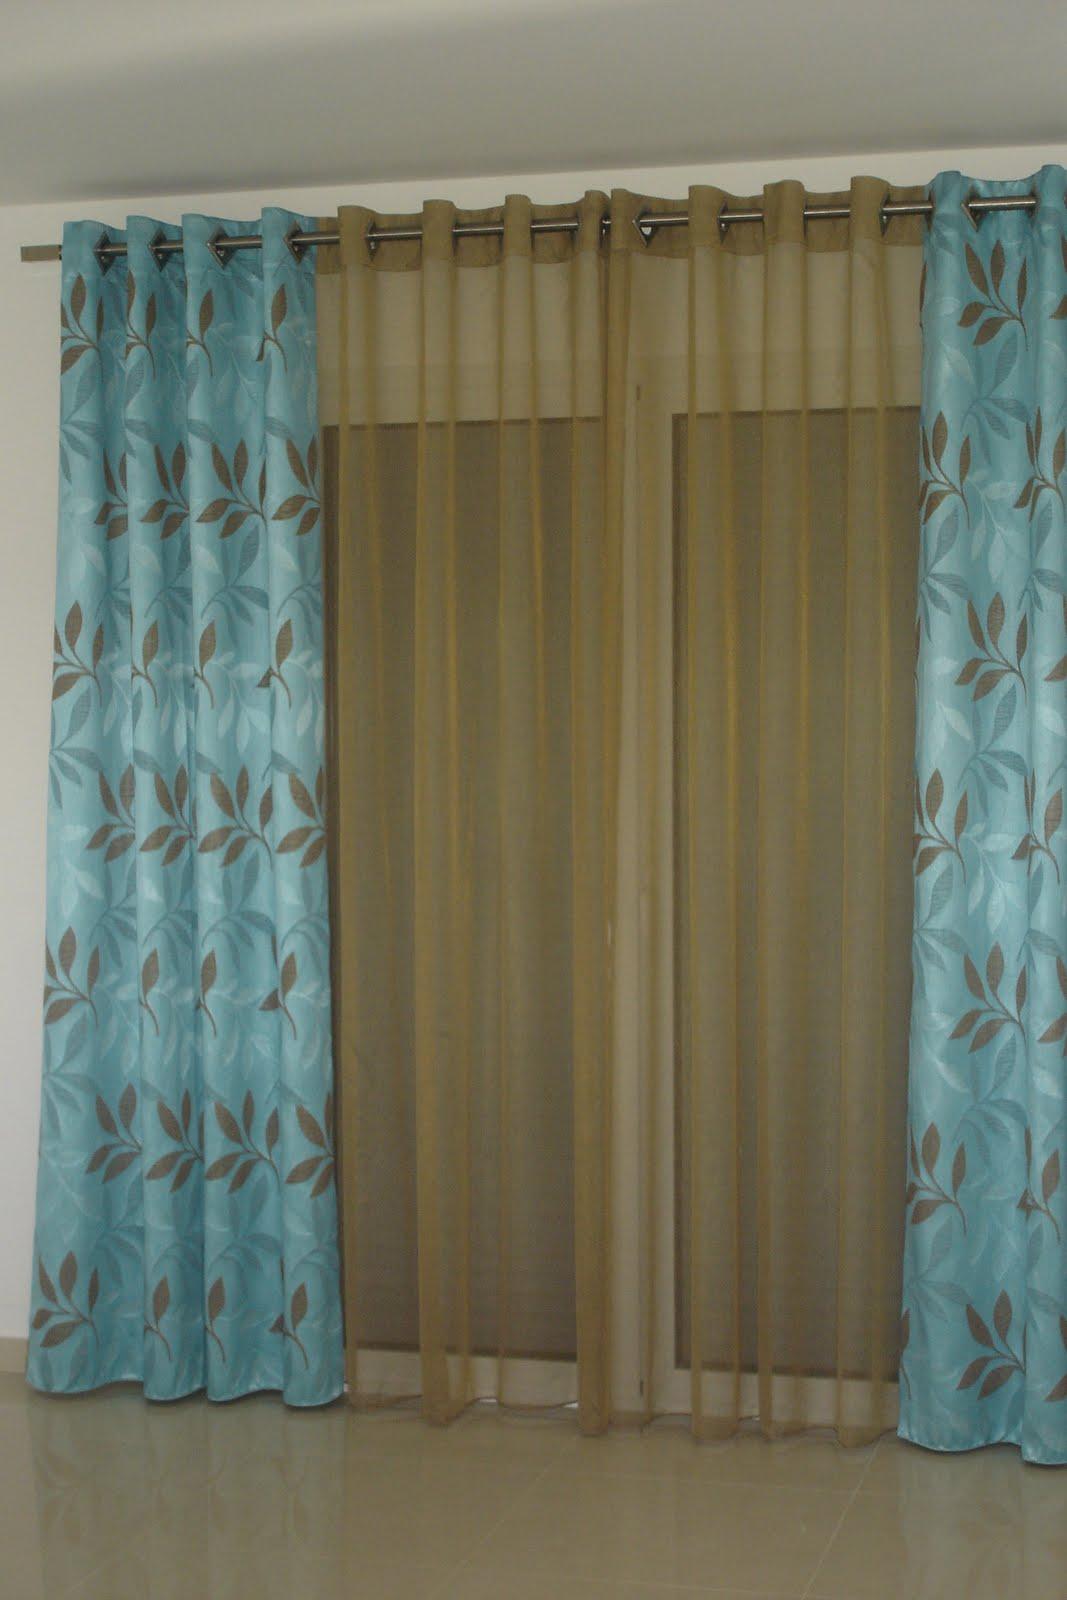 jogos de decoracao de interiores de casas:Casa Jacinto Decoração de Interiores: Junho 2010